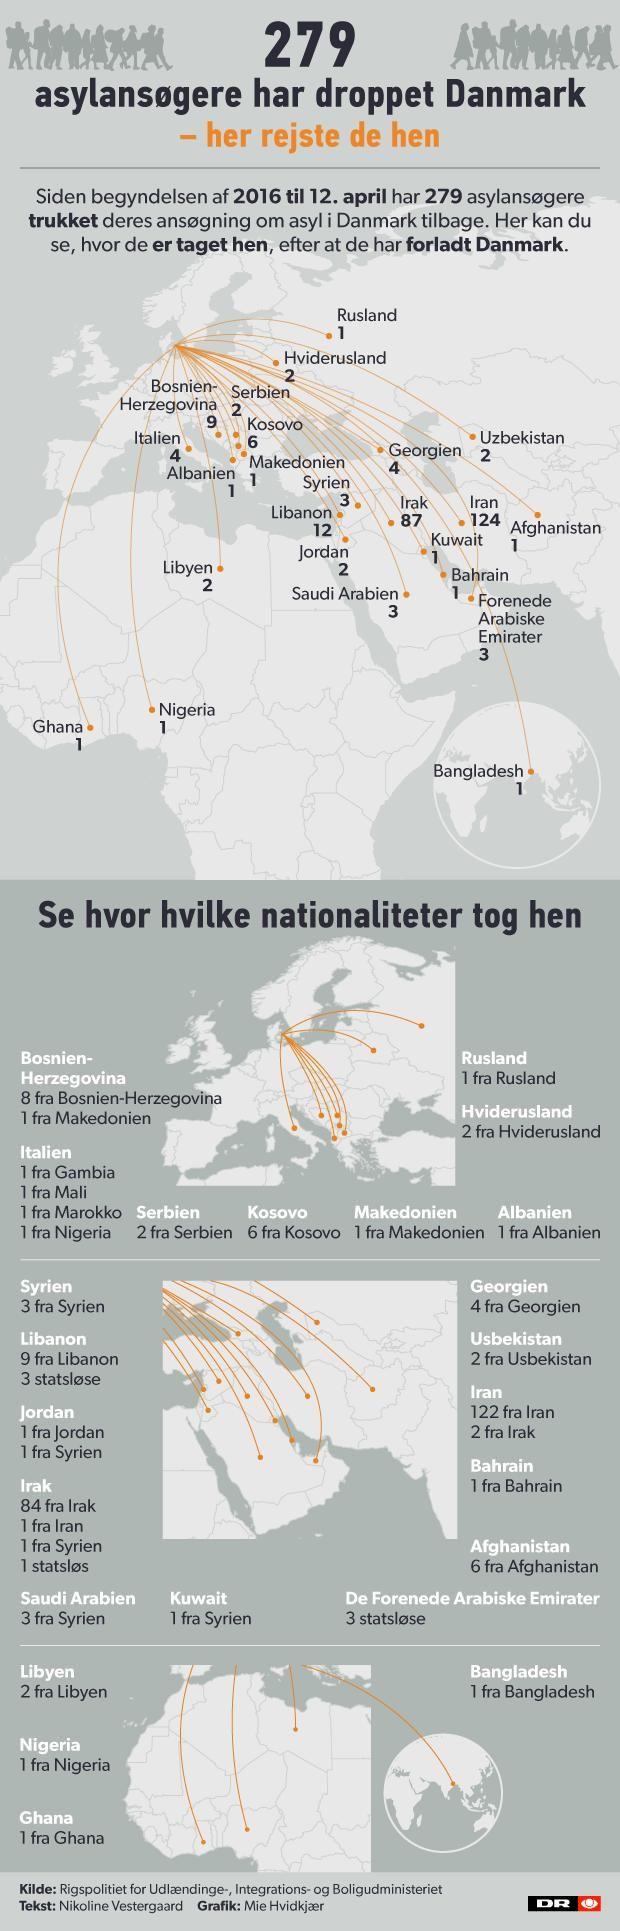 GRAFIK Opgiver asyl i Danmark - her rejser de hen | Nyheder | DR